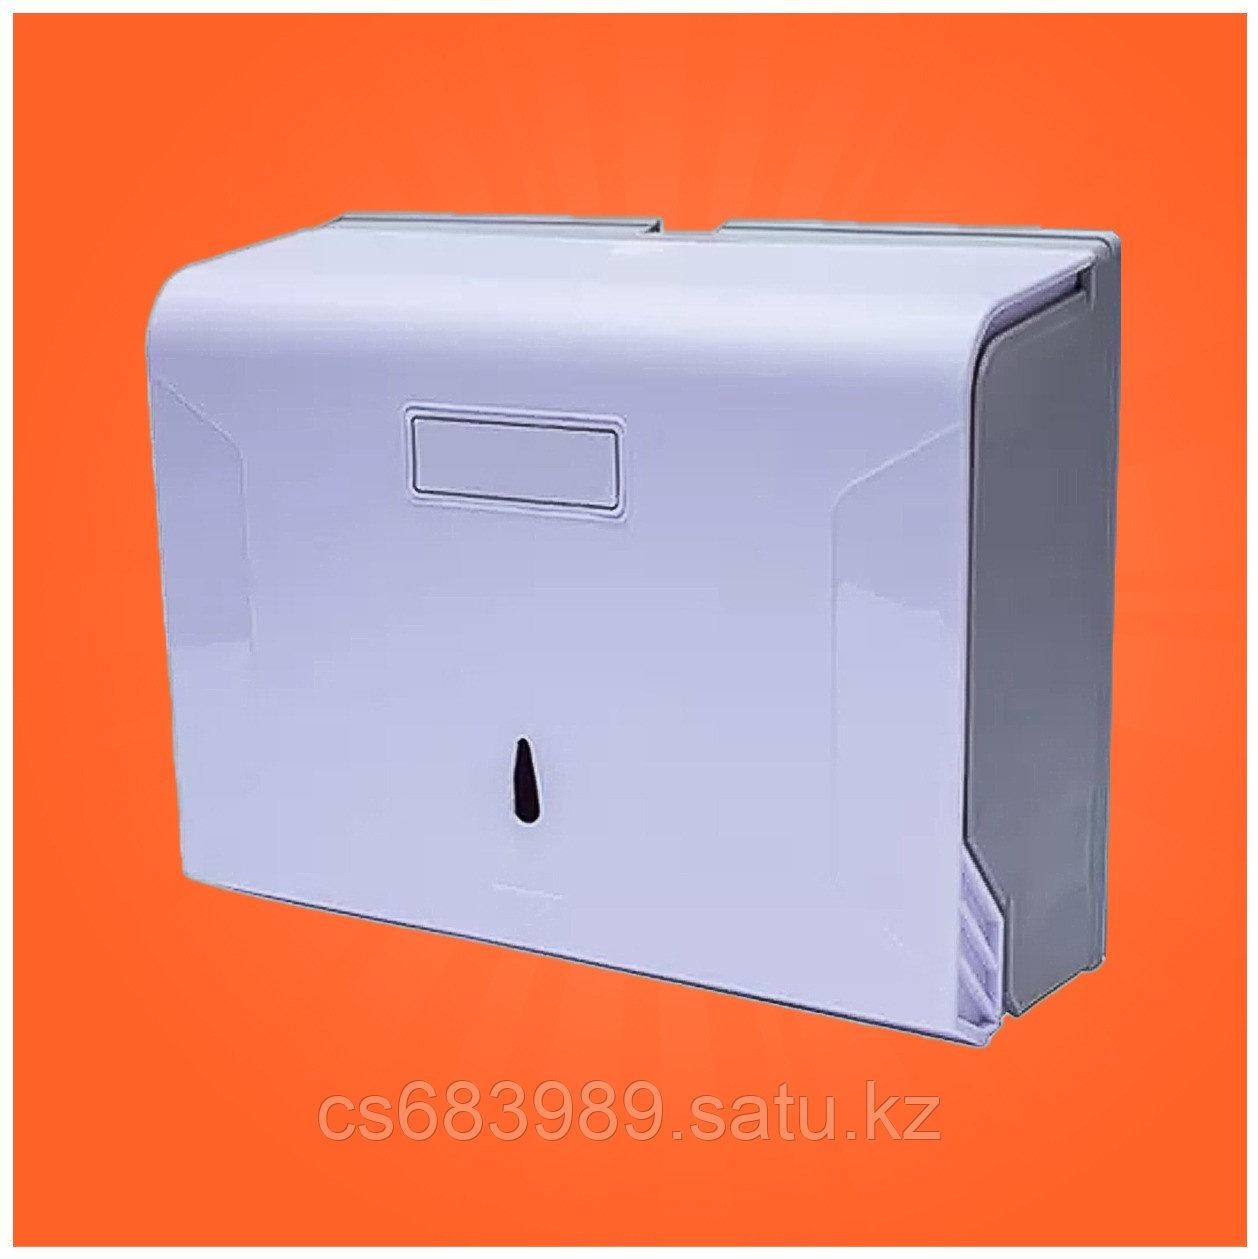 Диспенсер для бумажных полотенец Z укладки с окошком +77758242563